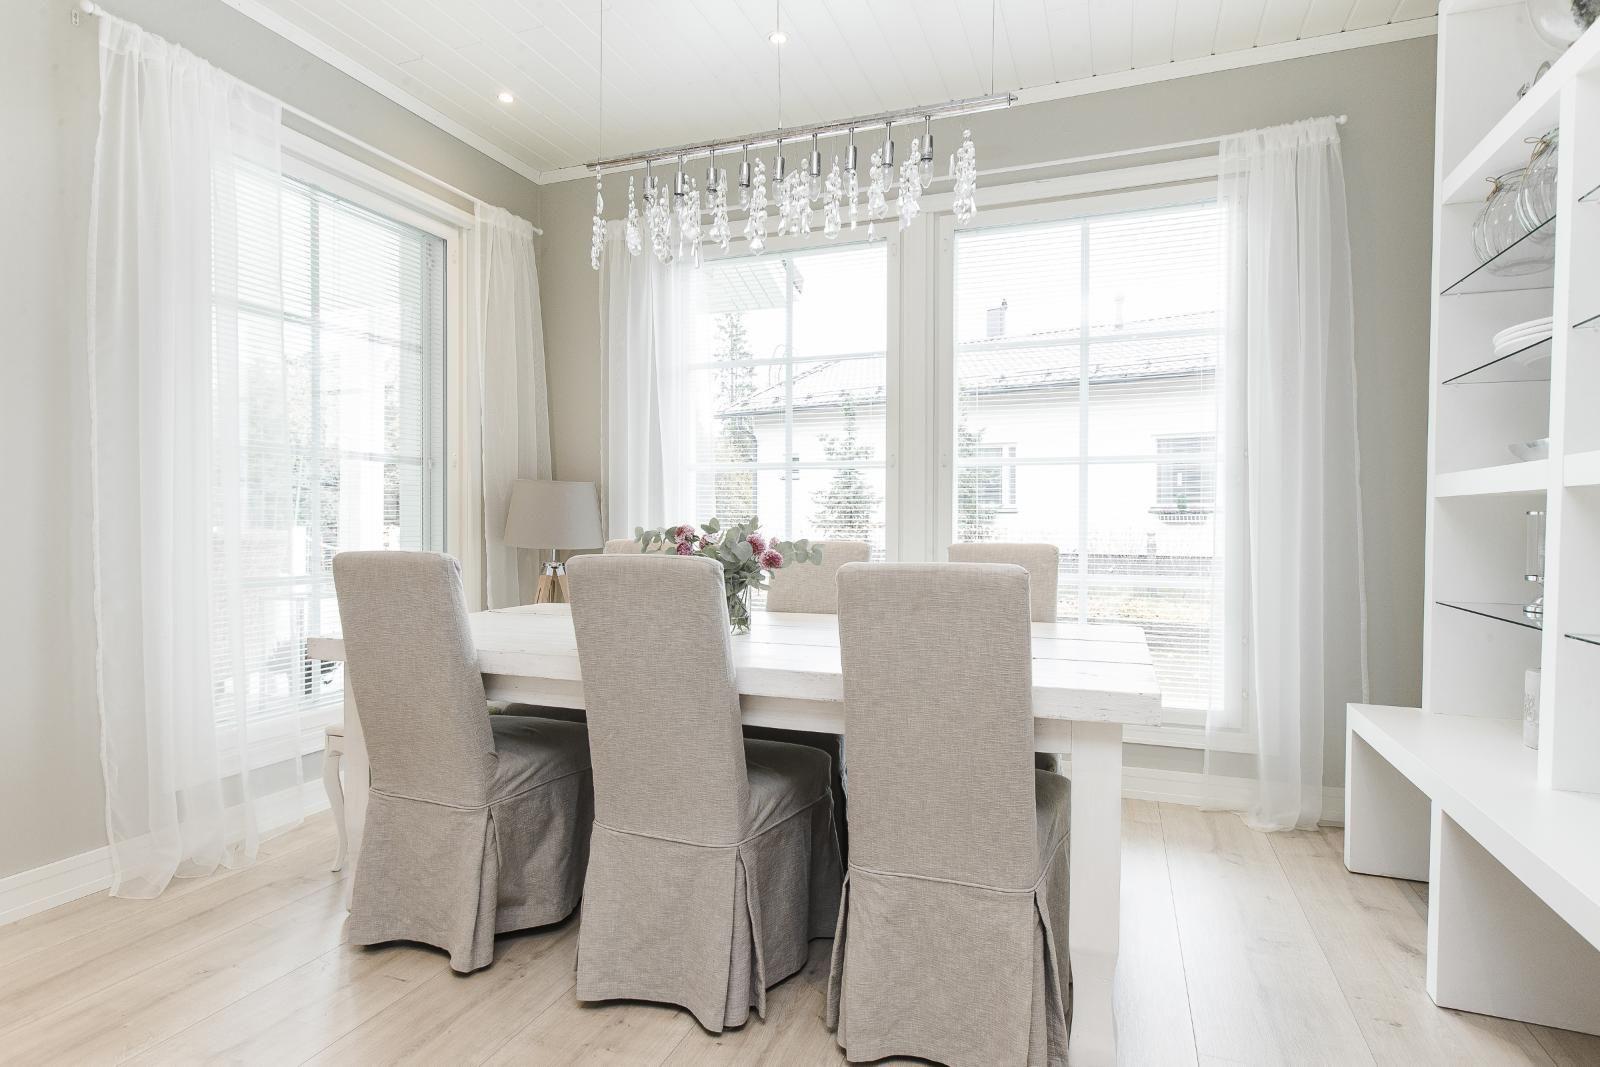 Ruokapöydän valaistus, ikkunoiden sijoitus ja koko